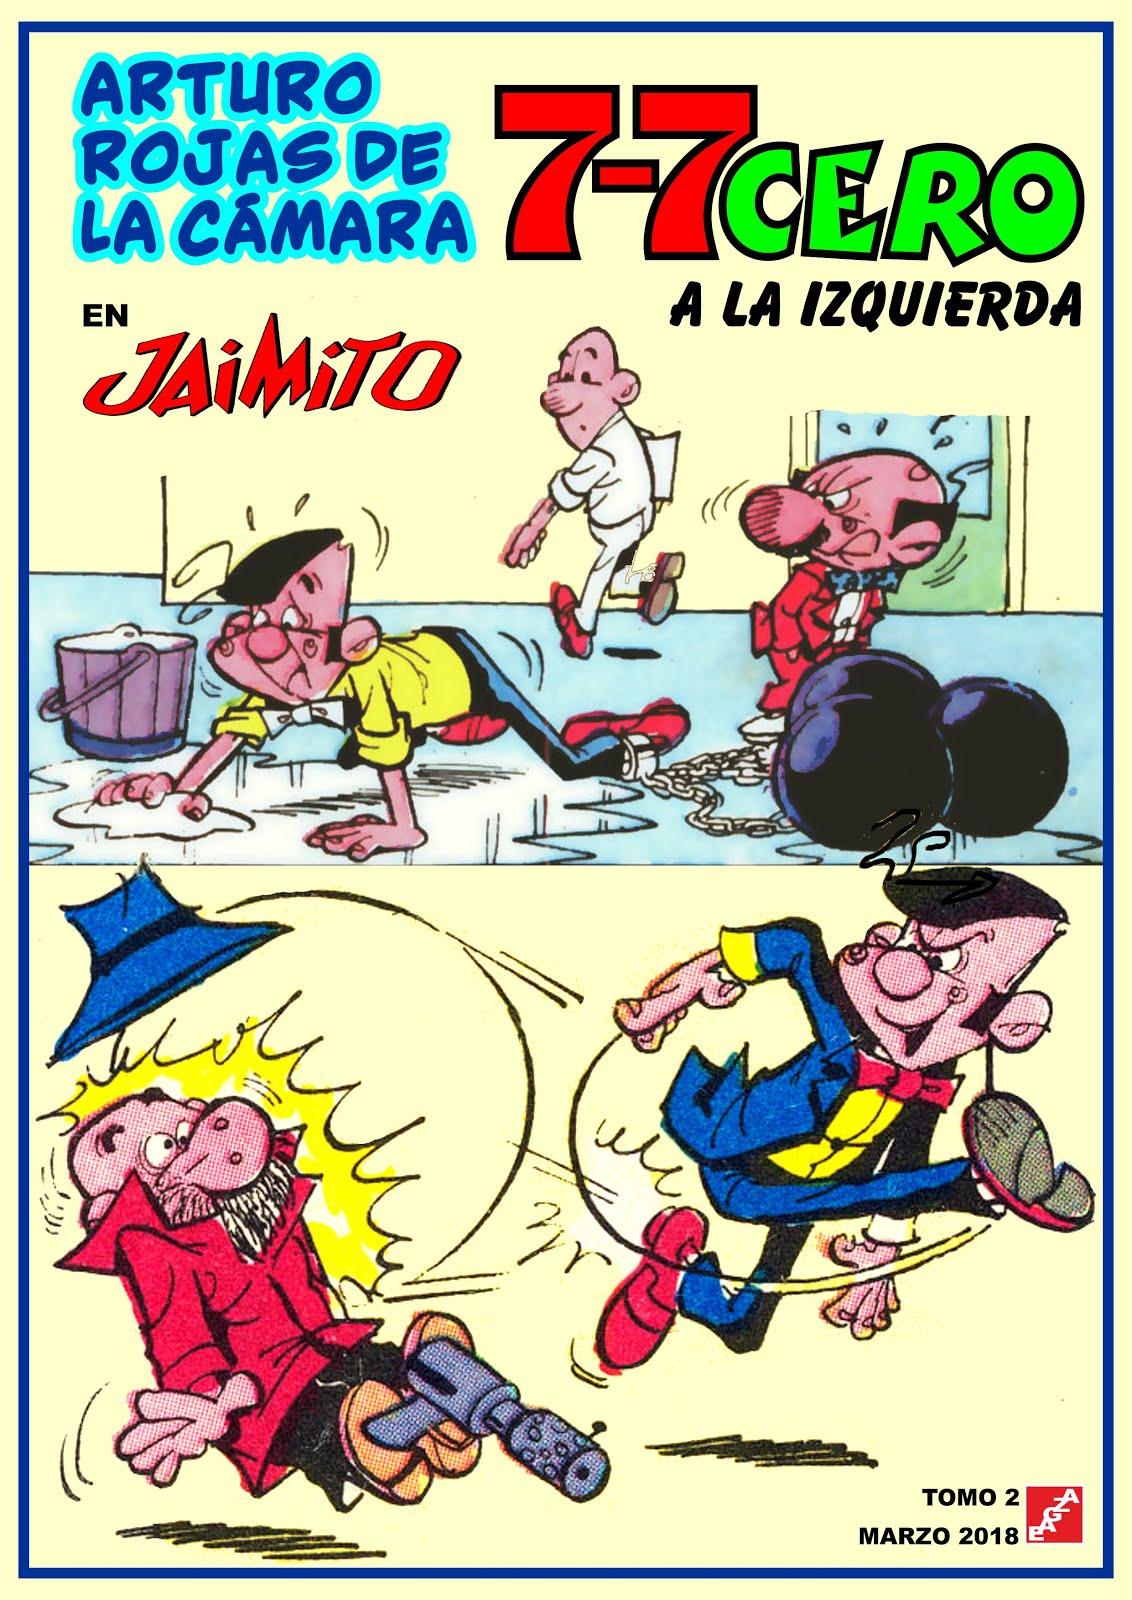 7-7 Cero a la izquierda en Jaimito- Tomos 01-02 - A. Rojas de la Cámara - EAGZA